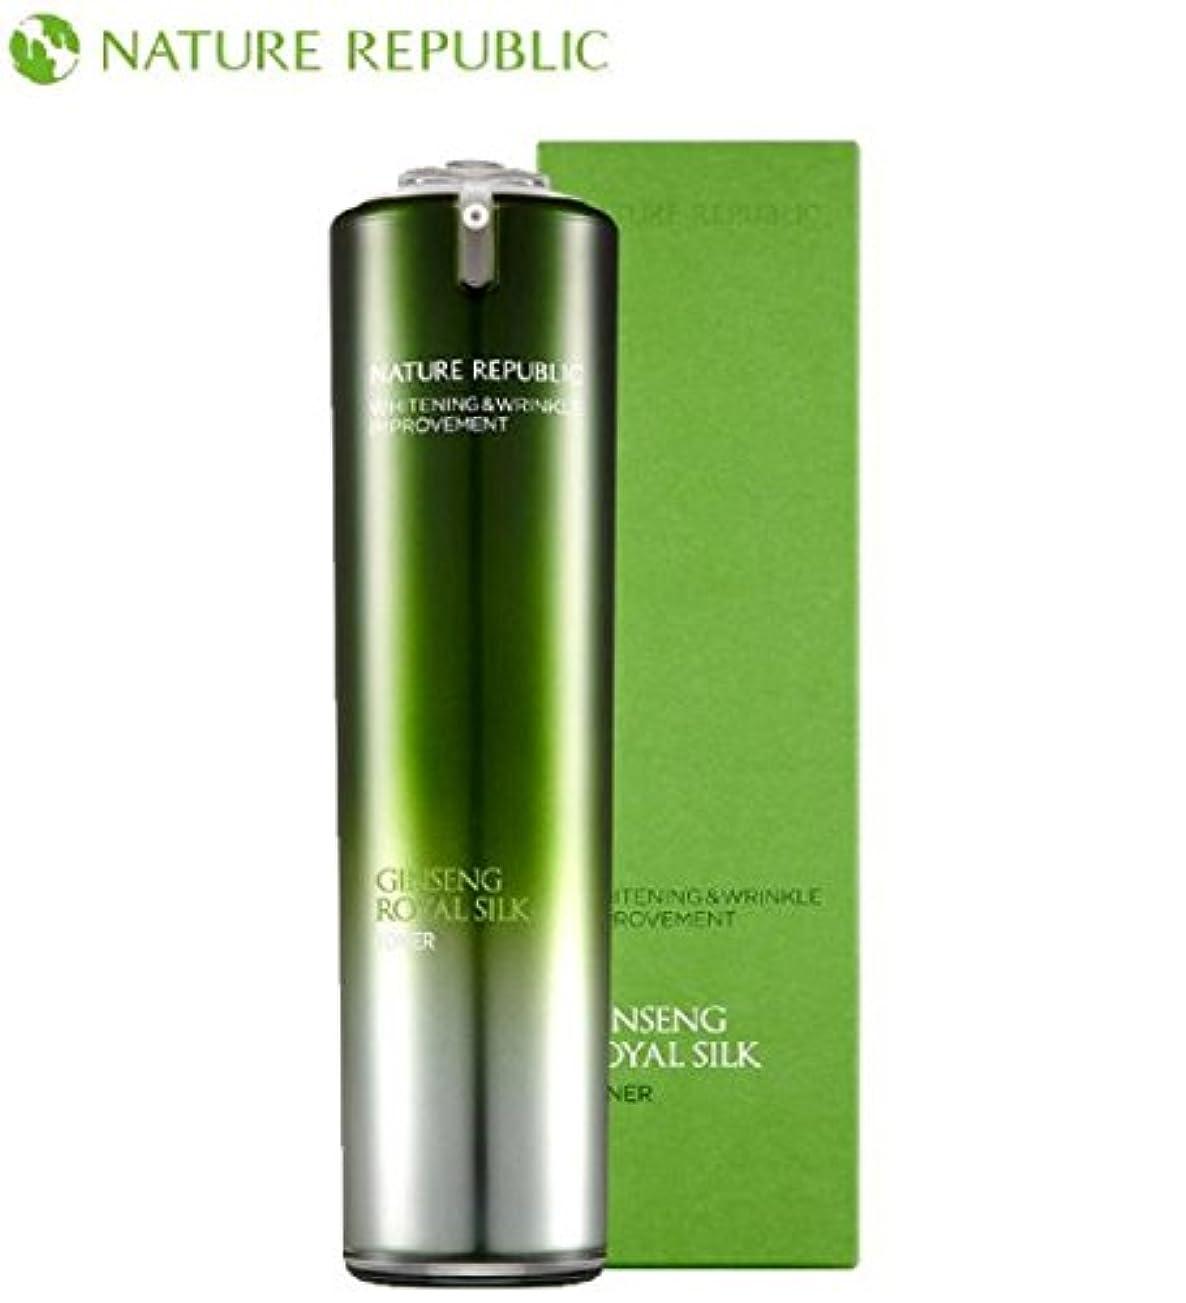 純粋に結果として集中正規輸入品 NATURE REPUBLIC(ネイチャーリパブリック) RY トナー GI 化粧水 120ml NL8651